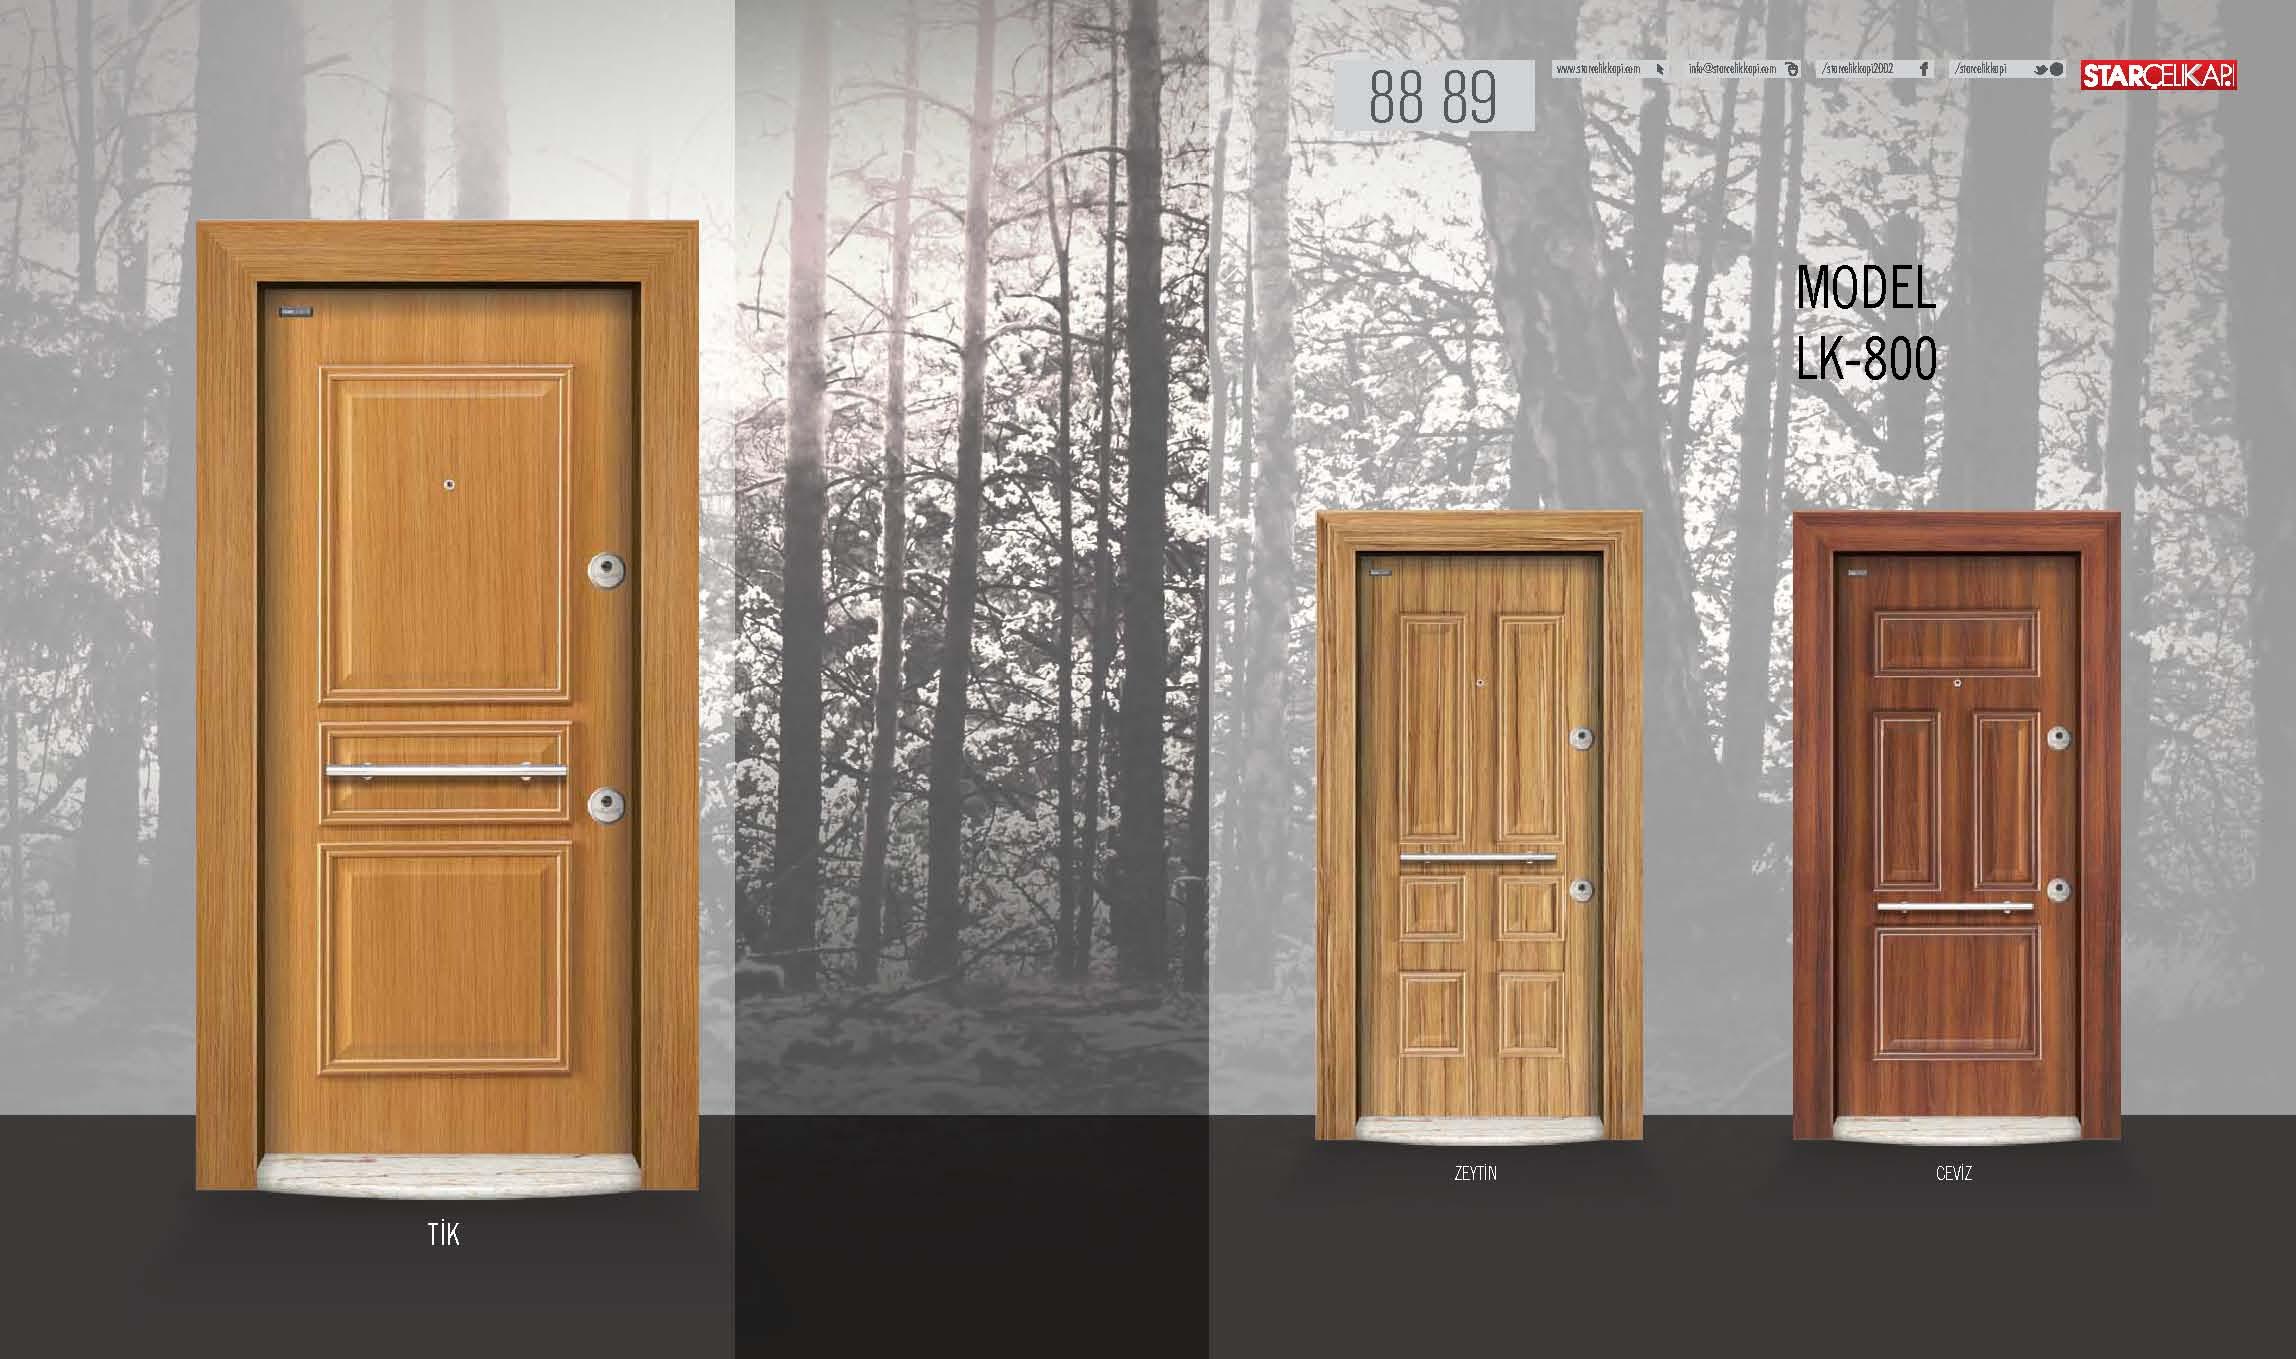 vhodni-vrati-starcelik_page_45